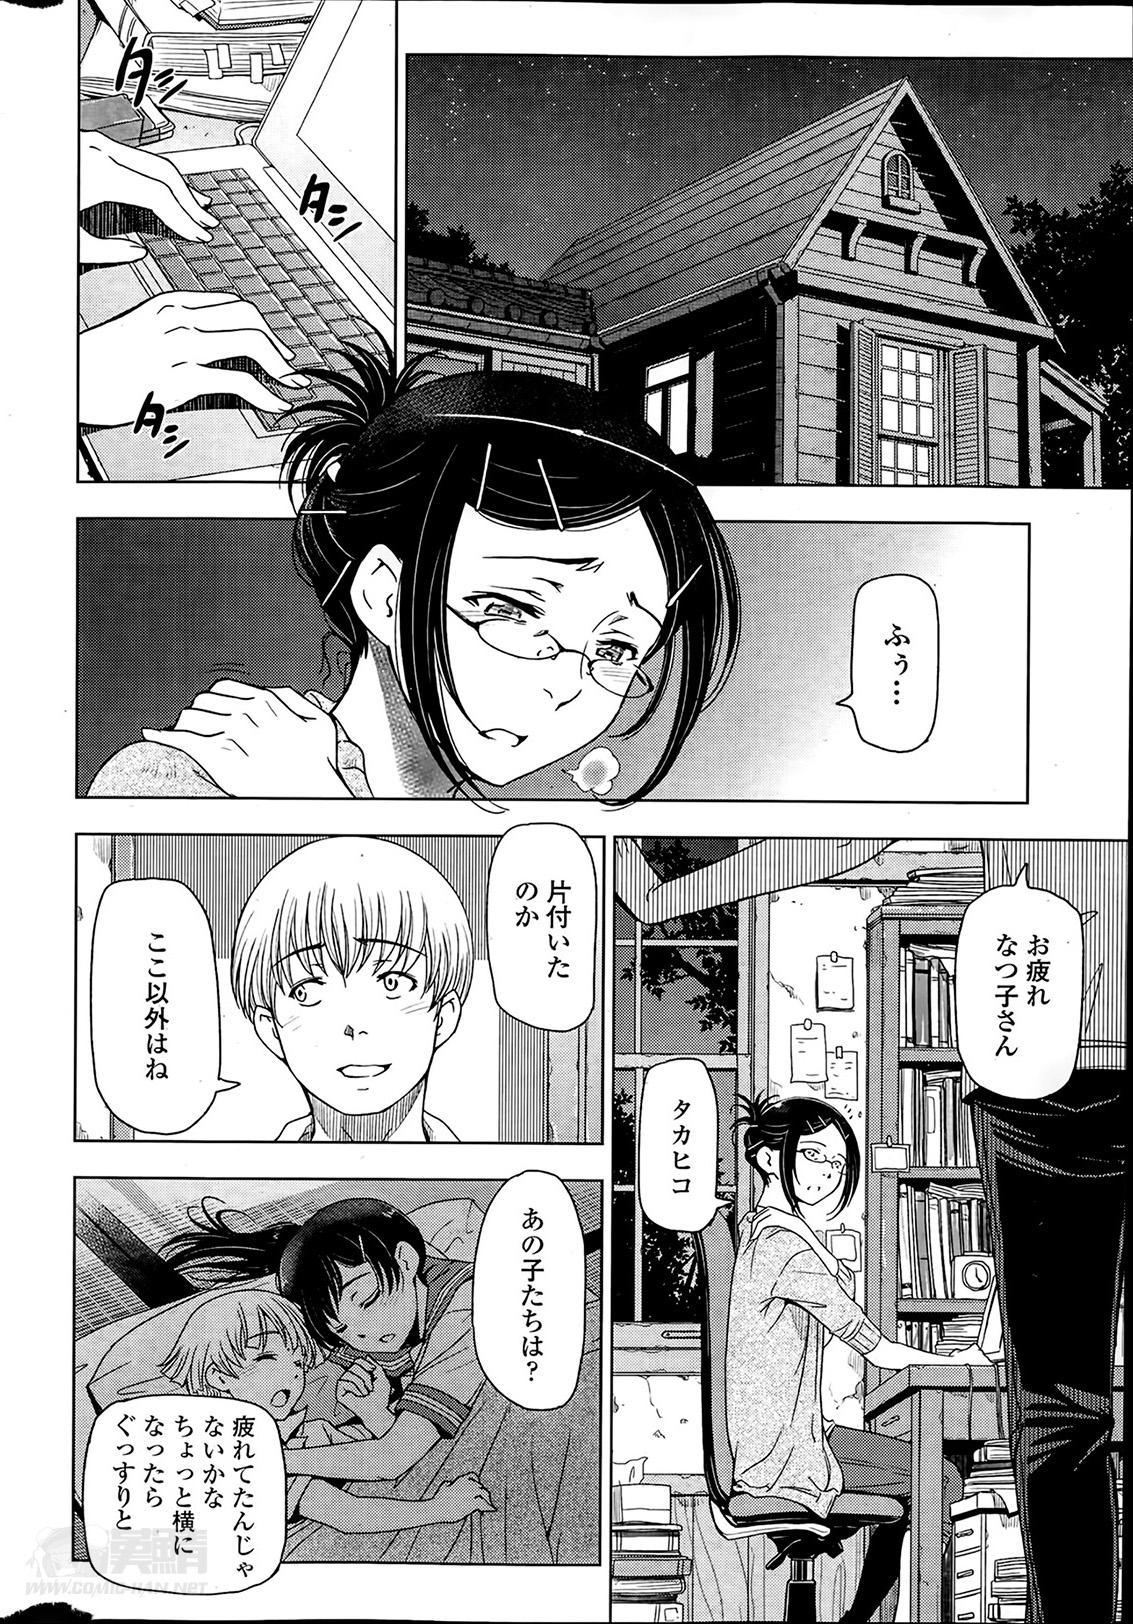 Natsu jiru + extra 27